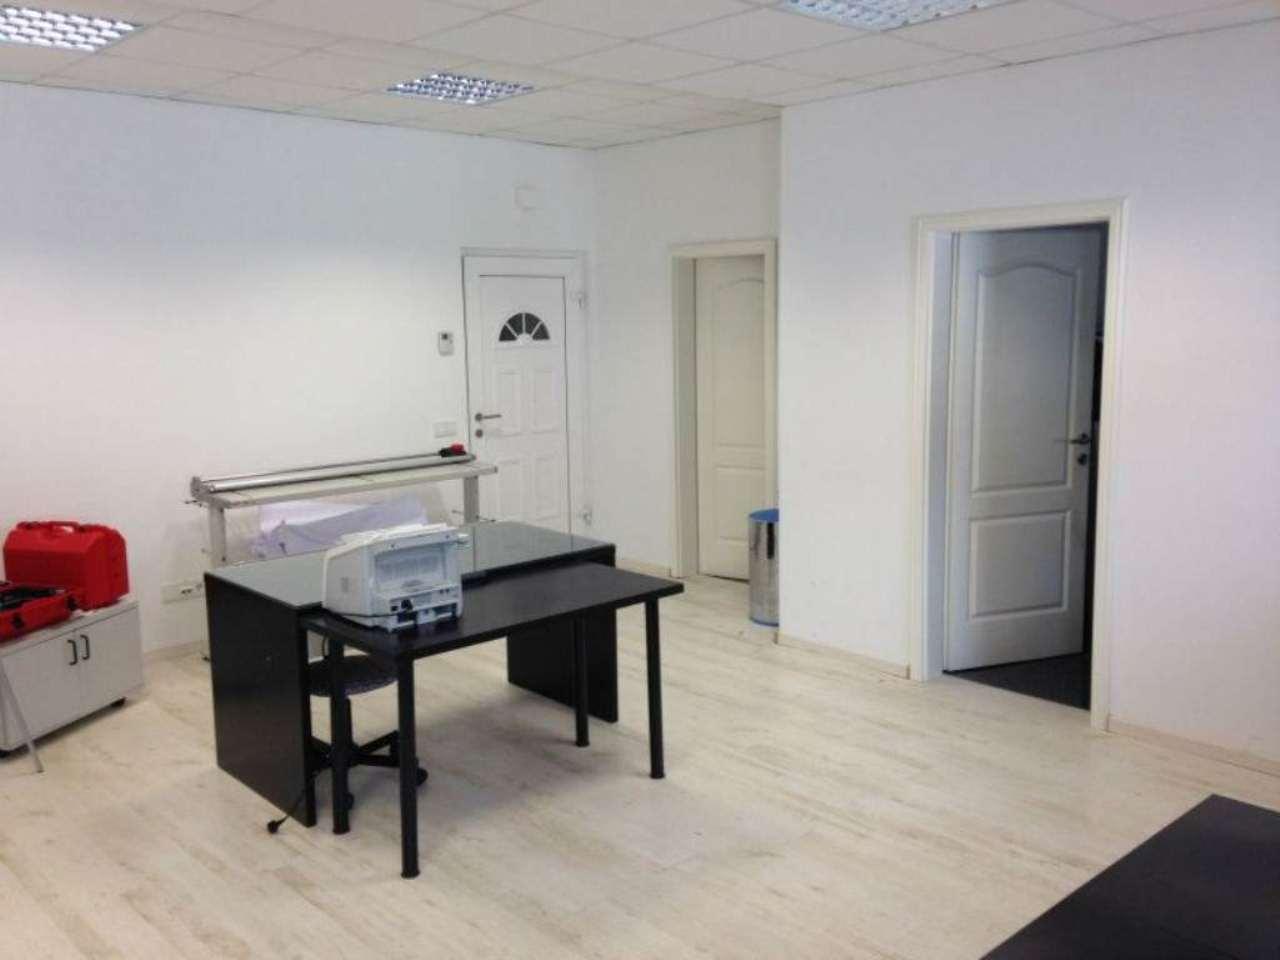 Ufficio / Studio in vendita a Vipiteno, 1 locali, prezzo € 110.000 | Cambio Casa.it